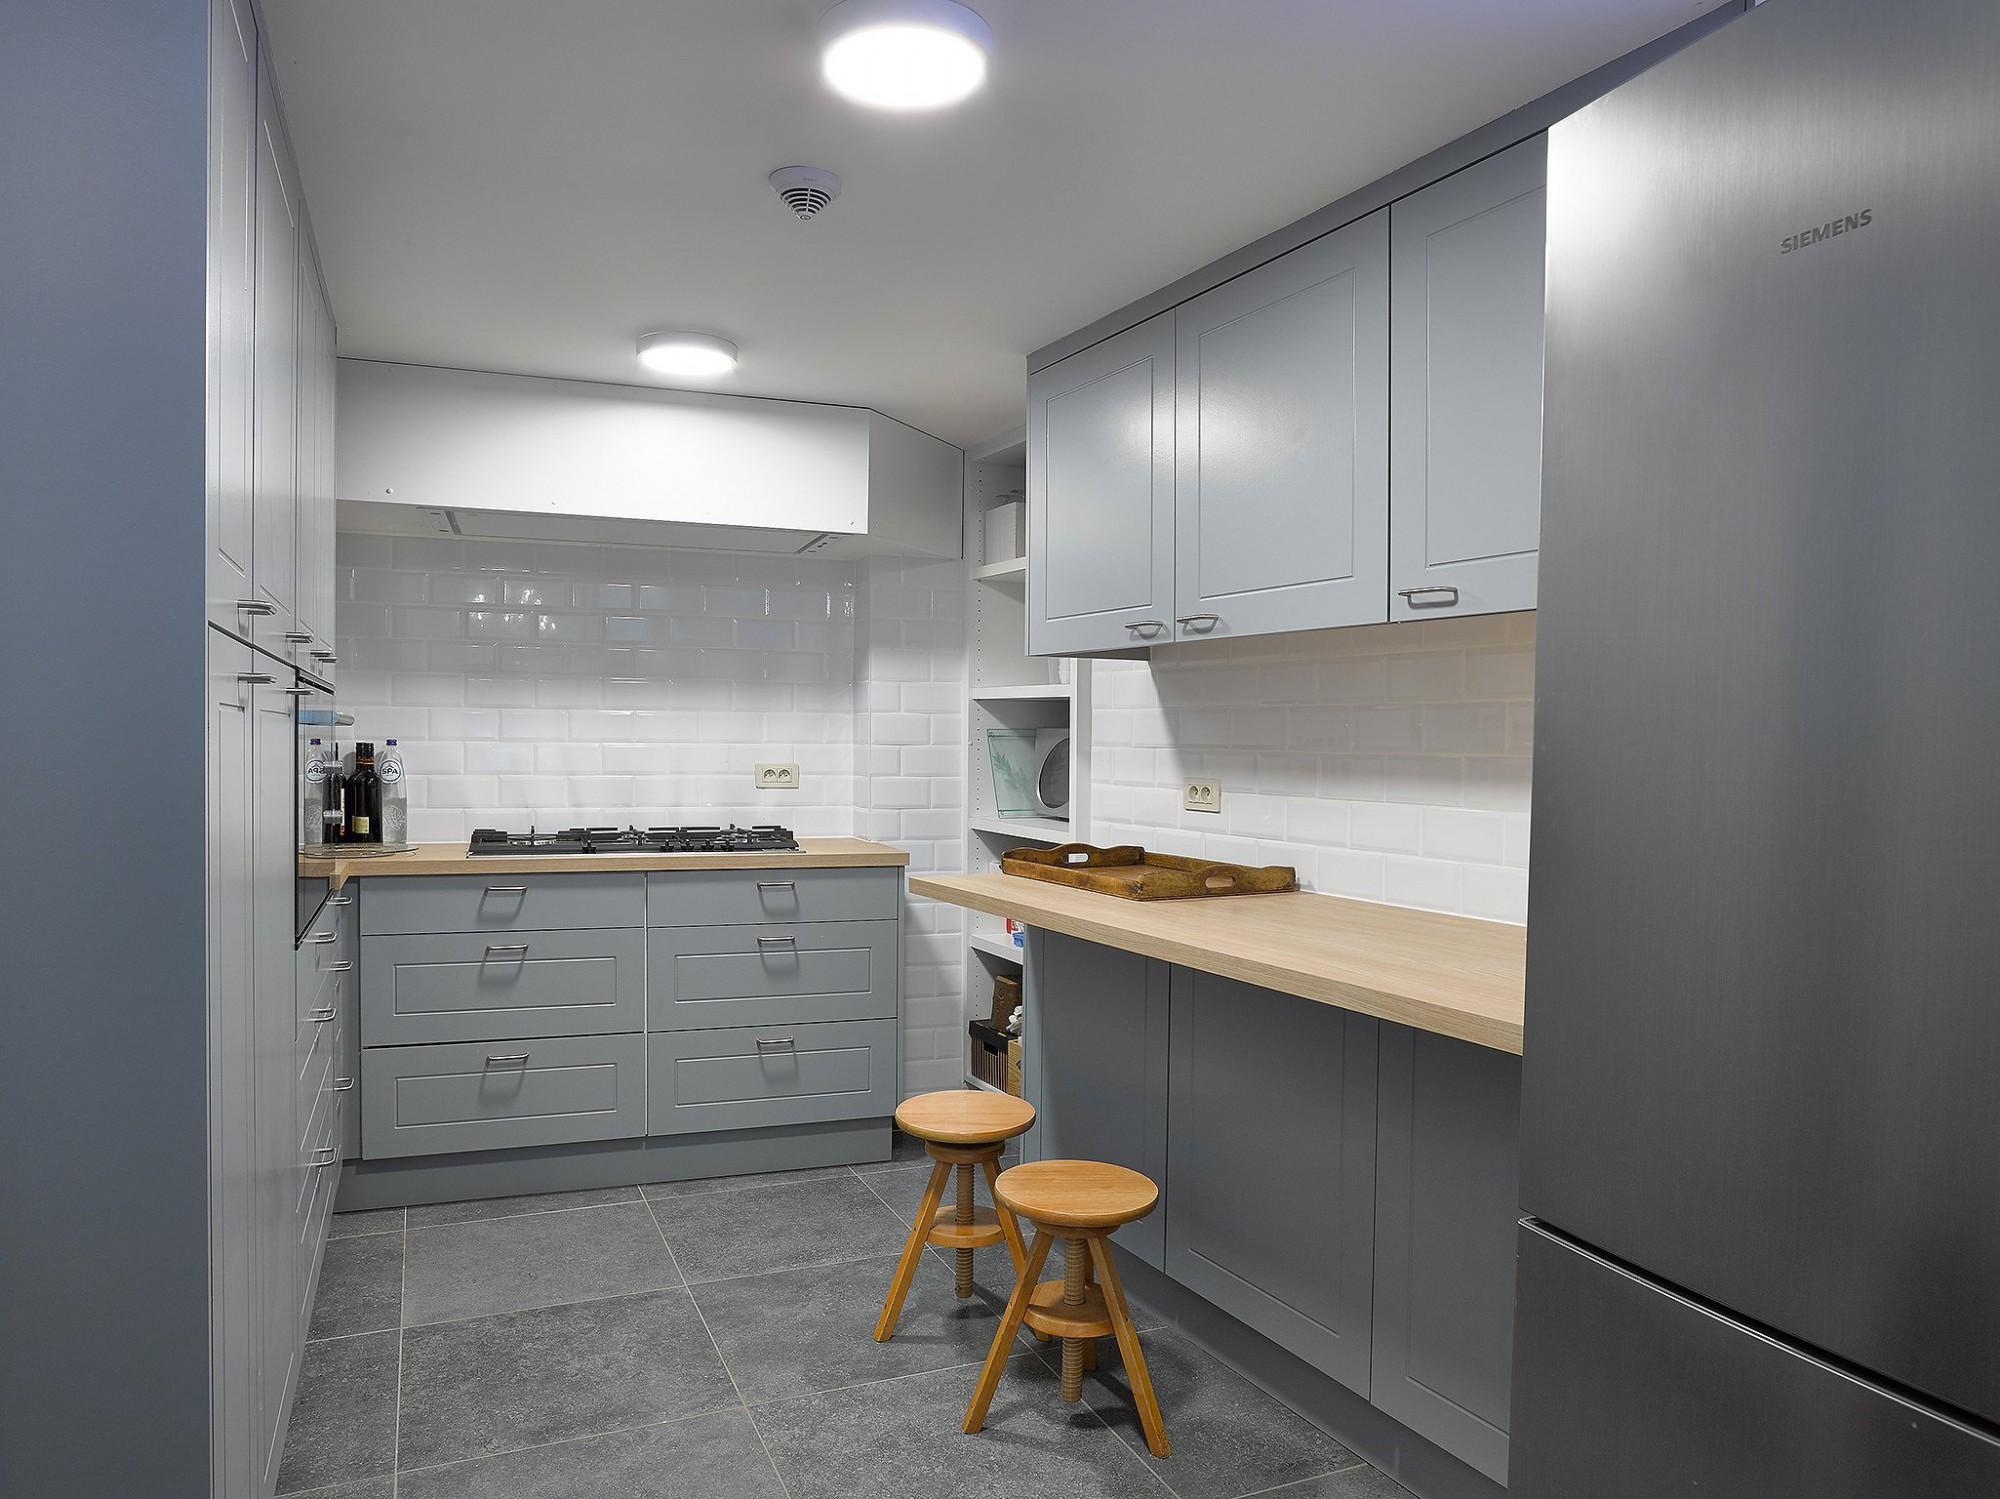 Afbeelding: Fotografie interieur keuken te Antwerpen voor bouwbedrijf Menbo.